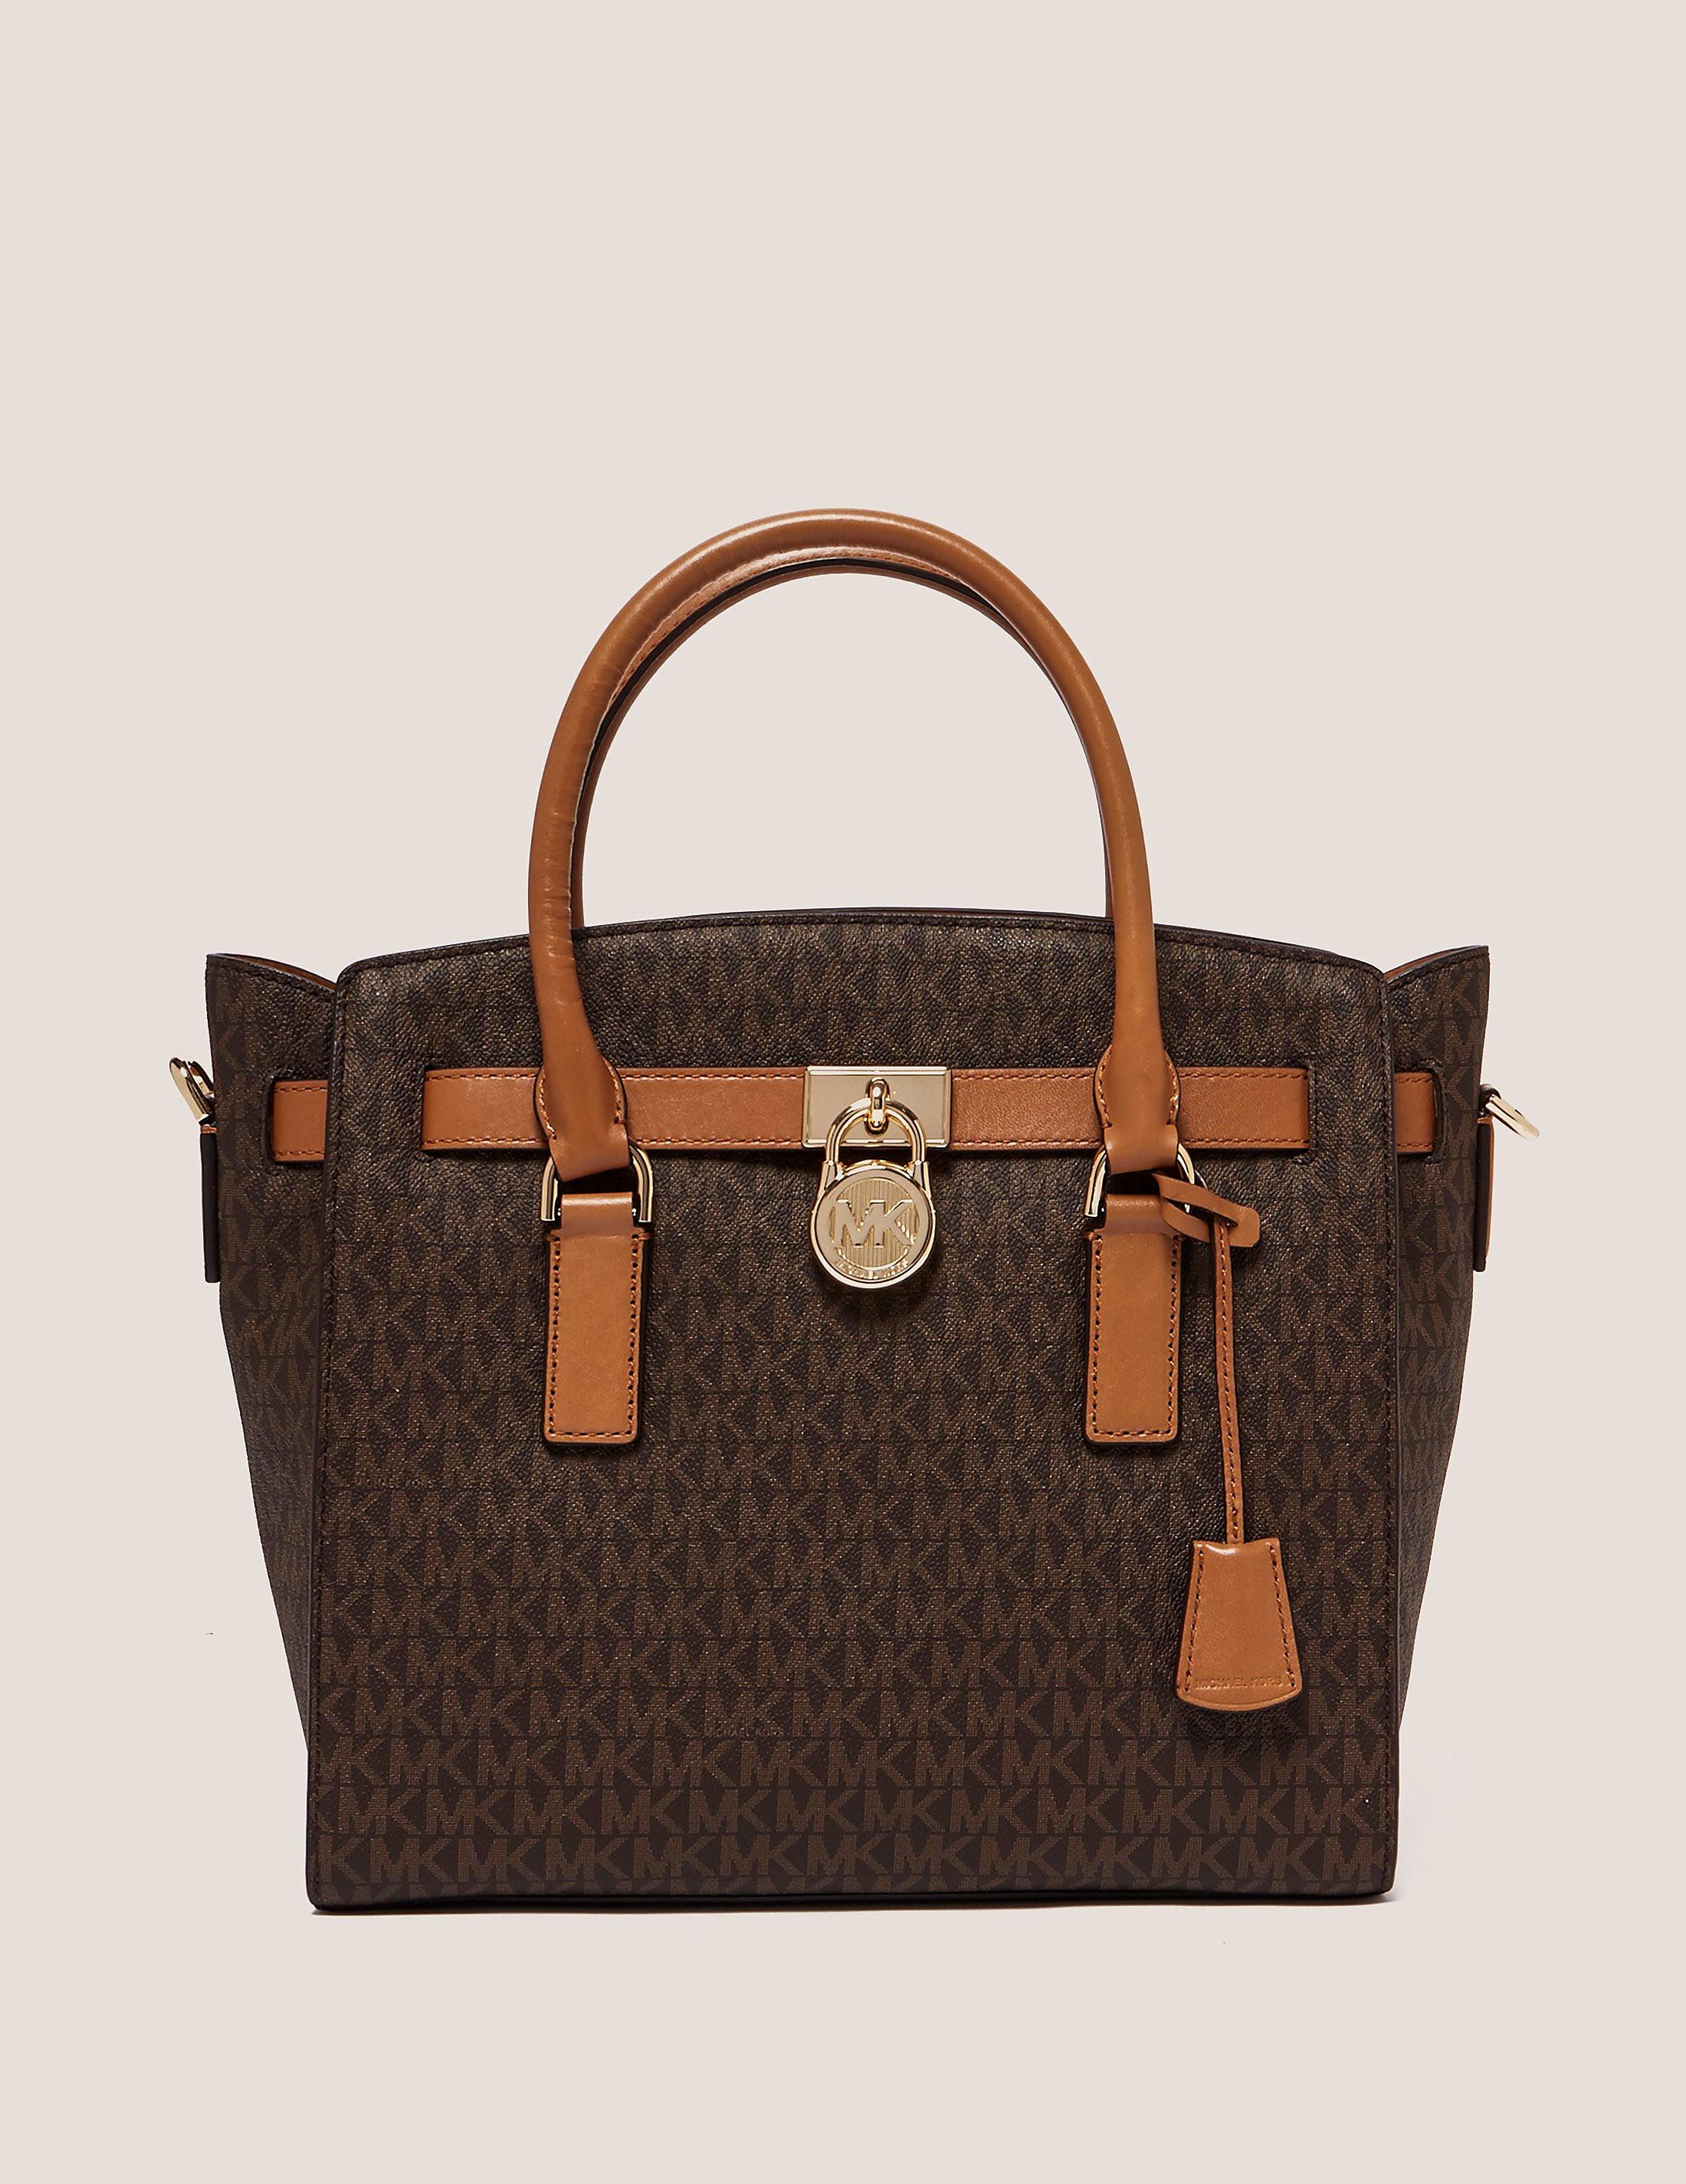 Michael Kors Hamilton Large Bag